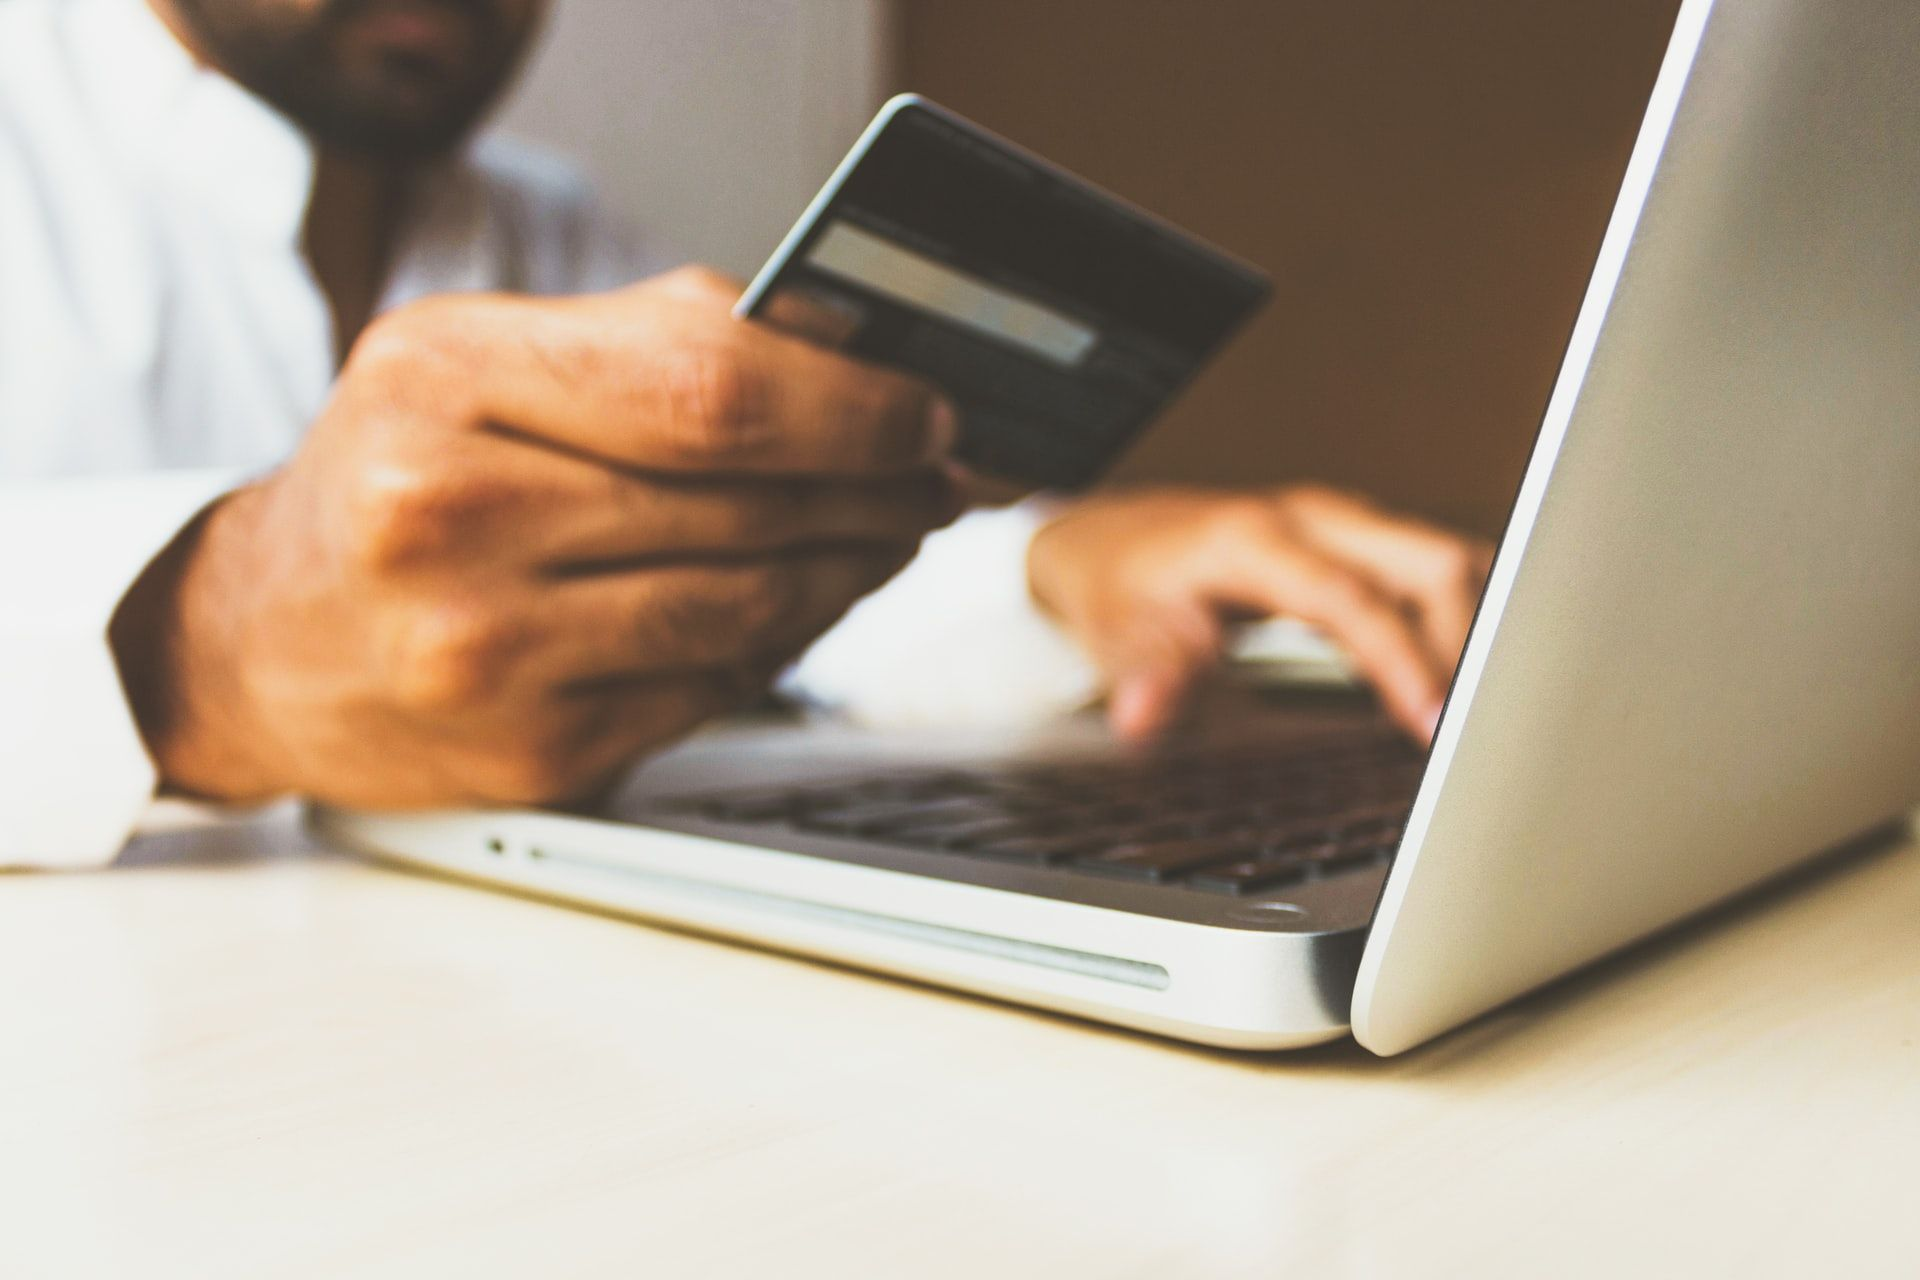 La pandemia ofrece una oportunidad para los negocios digitales. Tiendas y Academias se reinventan